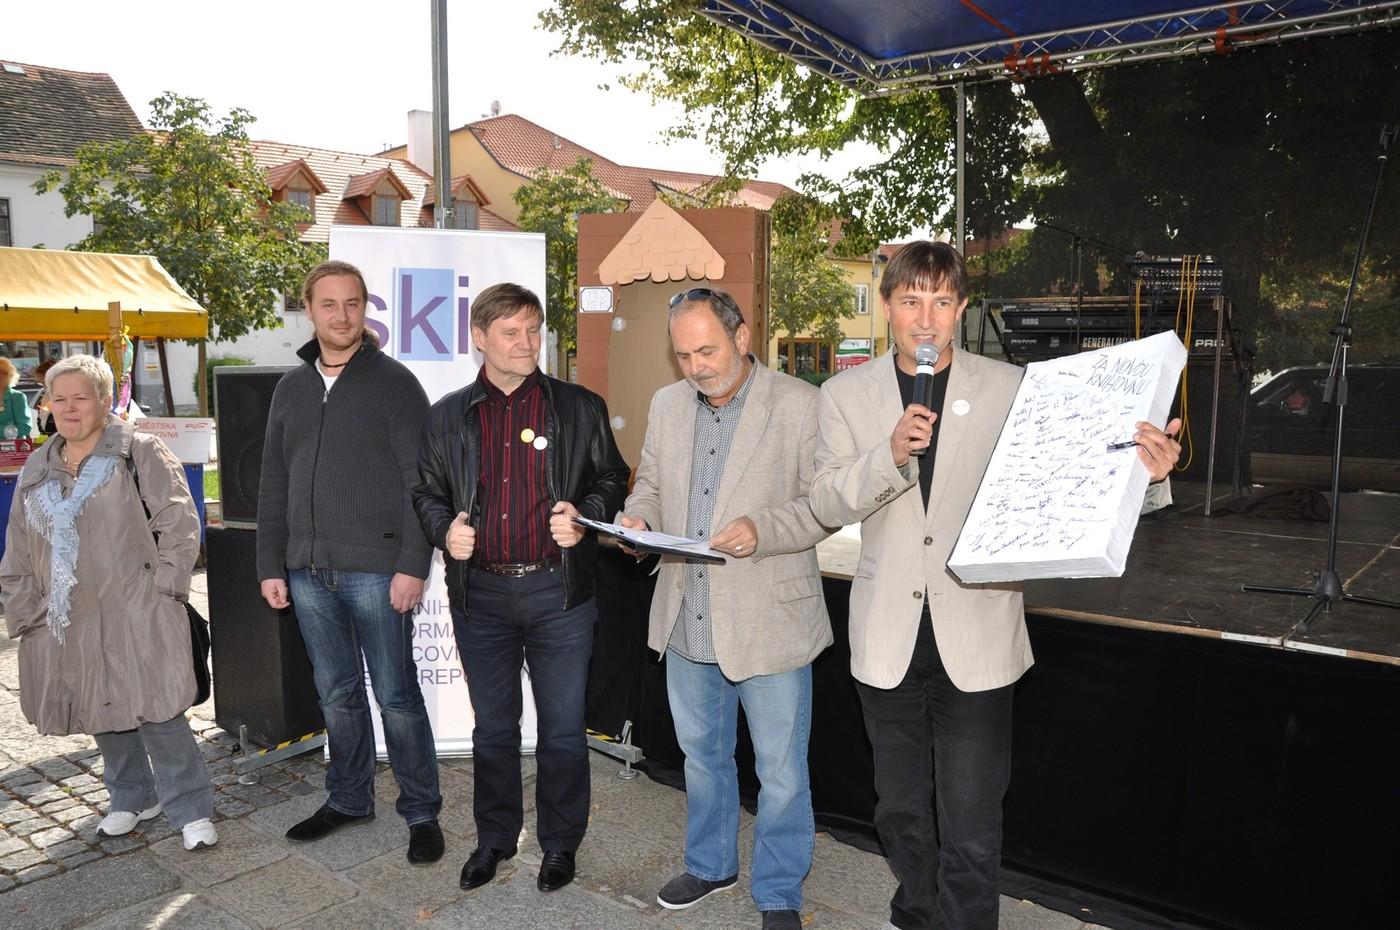 Velká papírová kniha s podpisy všech, kteří se happeningu zúčastnili